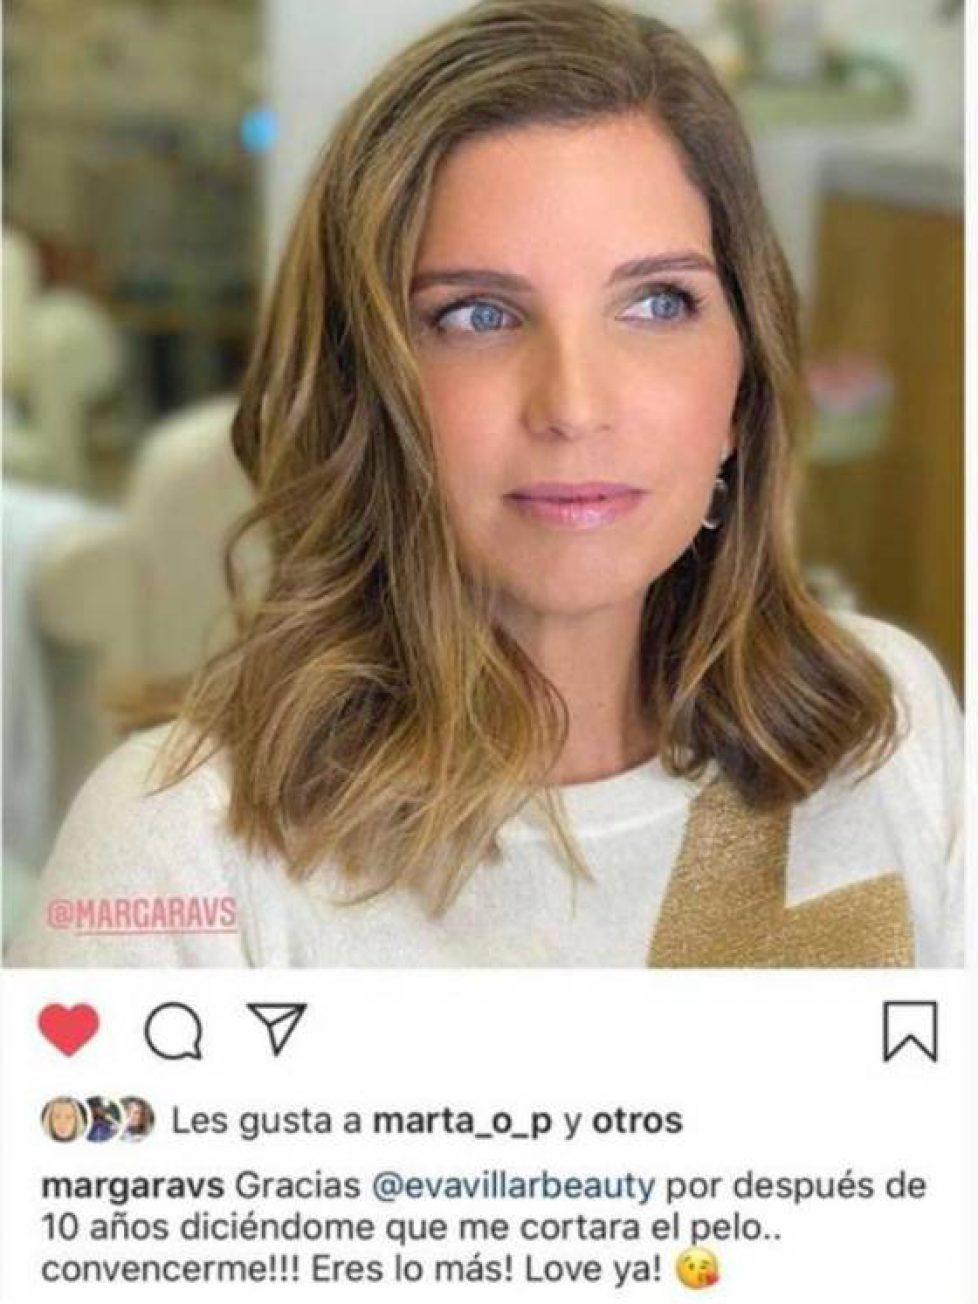 el-rejuvenecedor-cambio-de-look-de-margarita-vargas-instagram-stories-evavillarbeauty